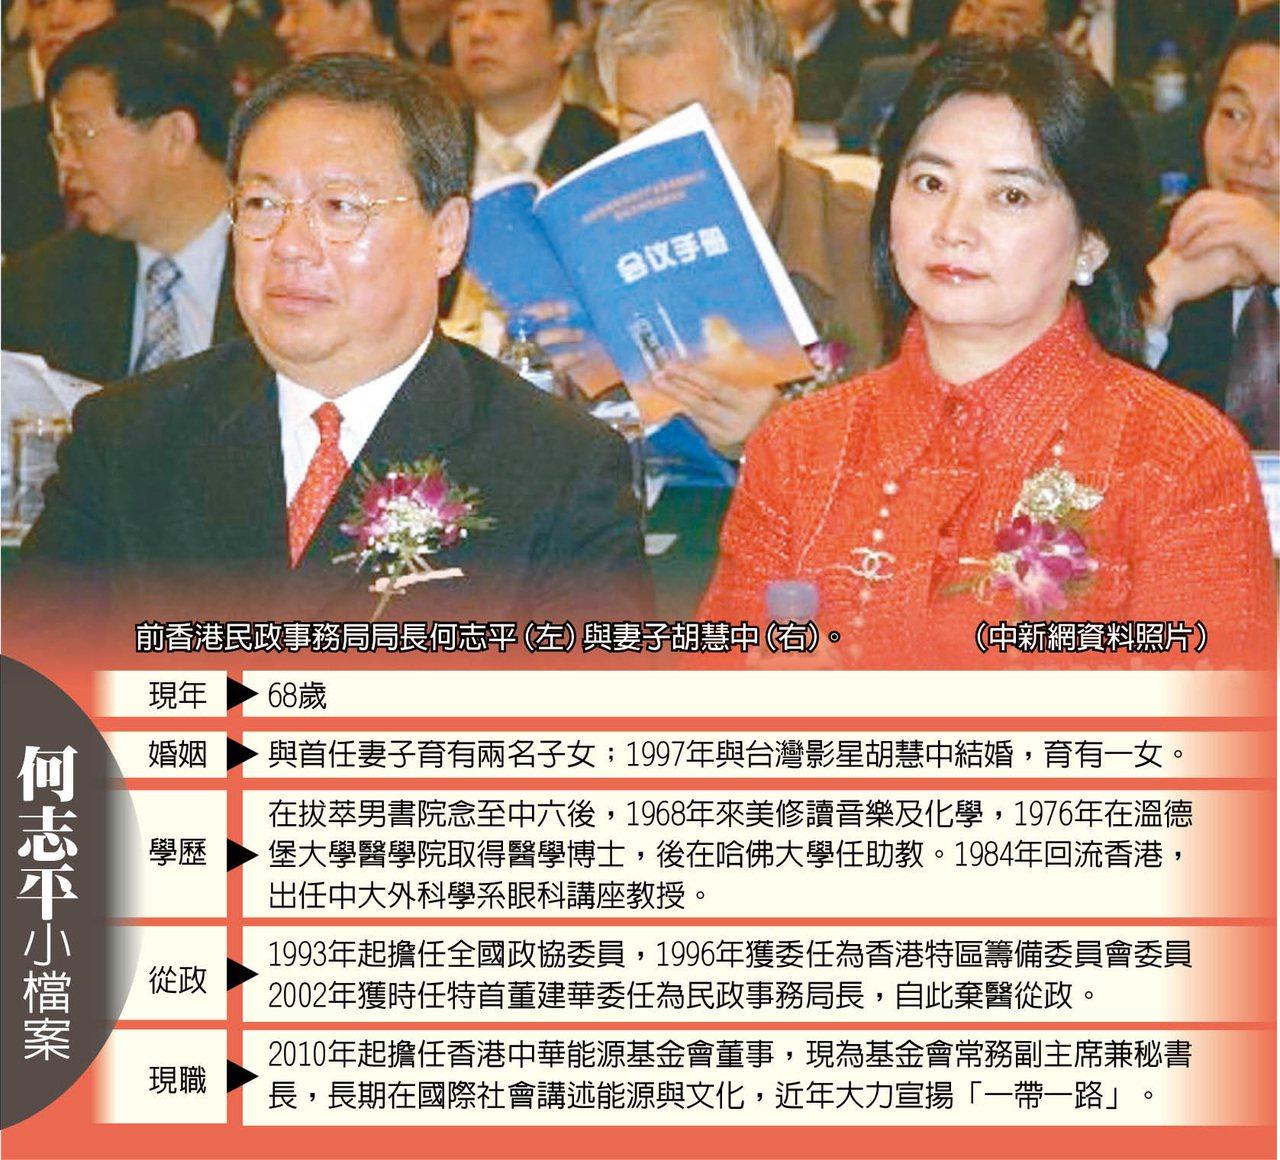 何志平棄醫從政娶台灣女星胡慧中,近年力推一帶一路。 高芳鈴